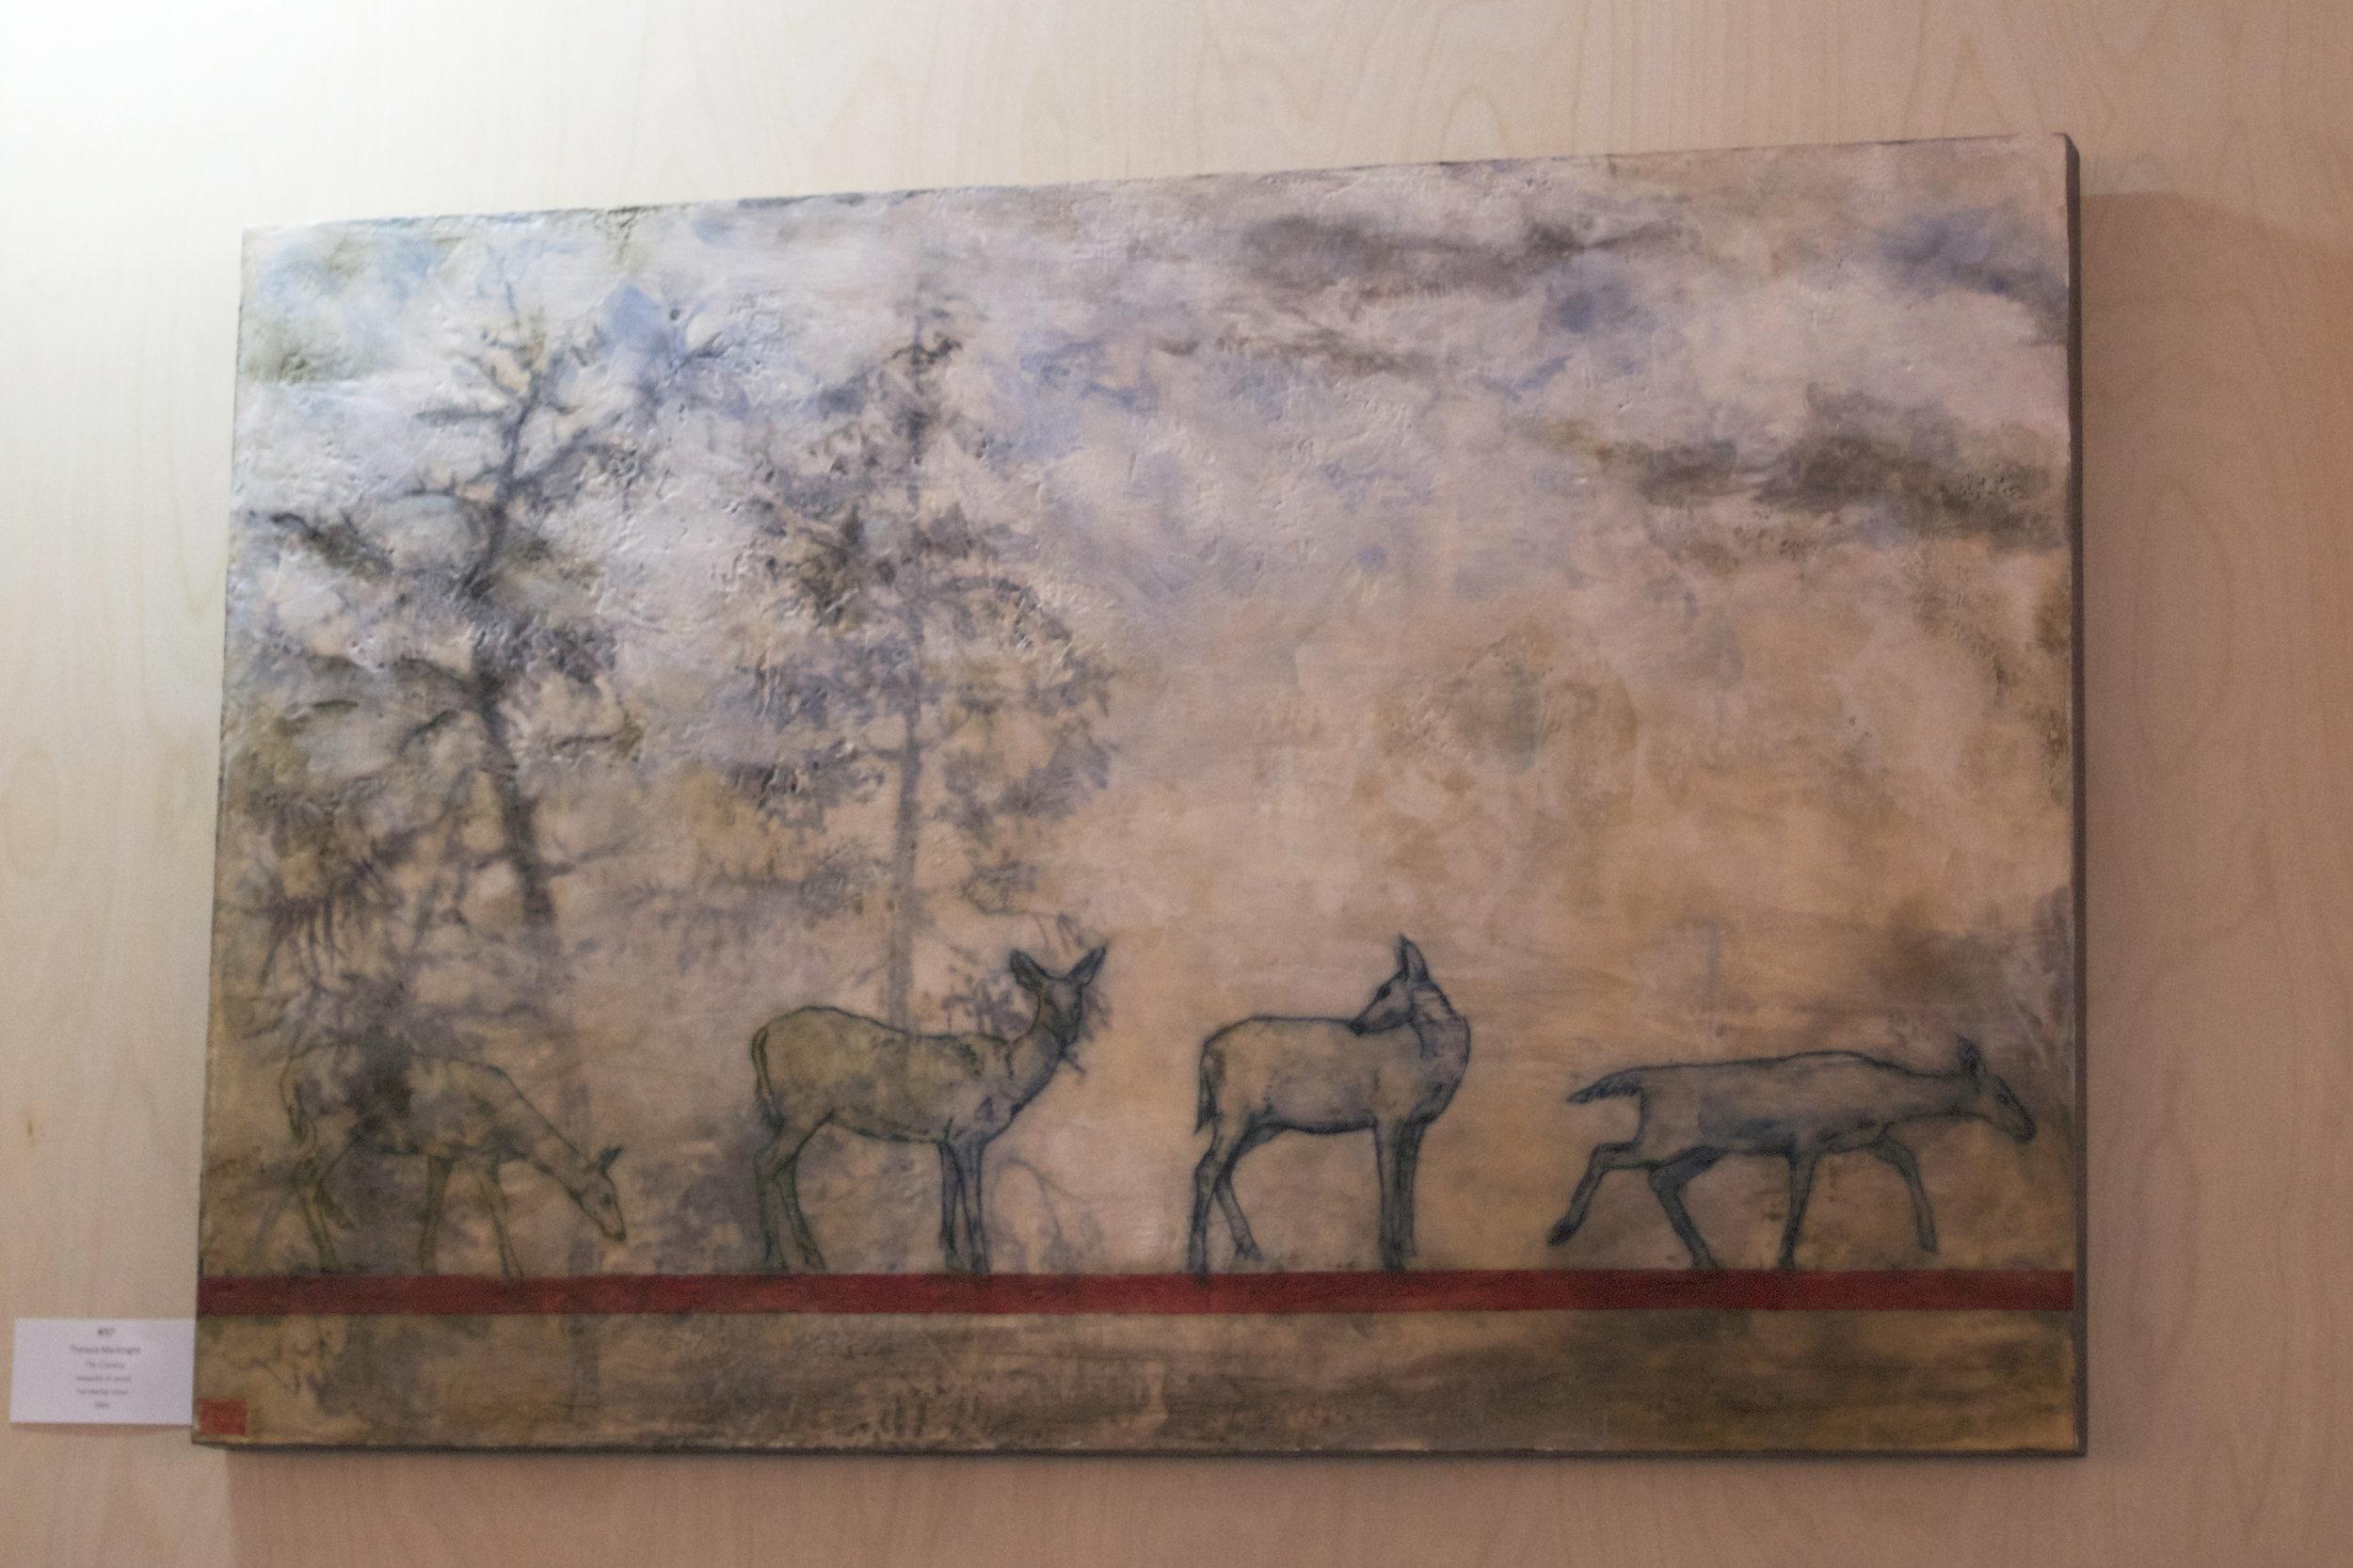 The-Crossing-Theresa-McKnight-Encaustic-on-Wood.jpg